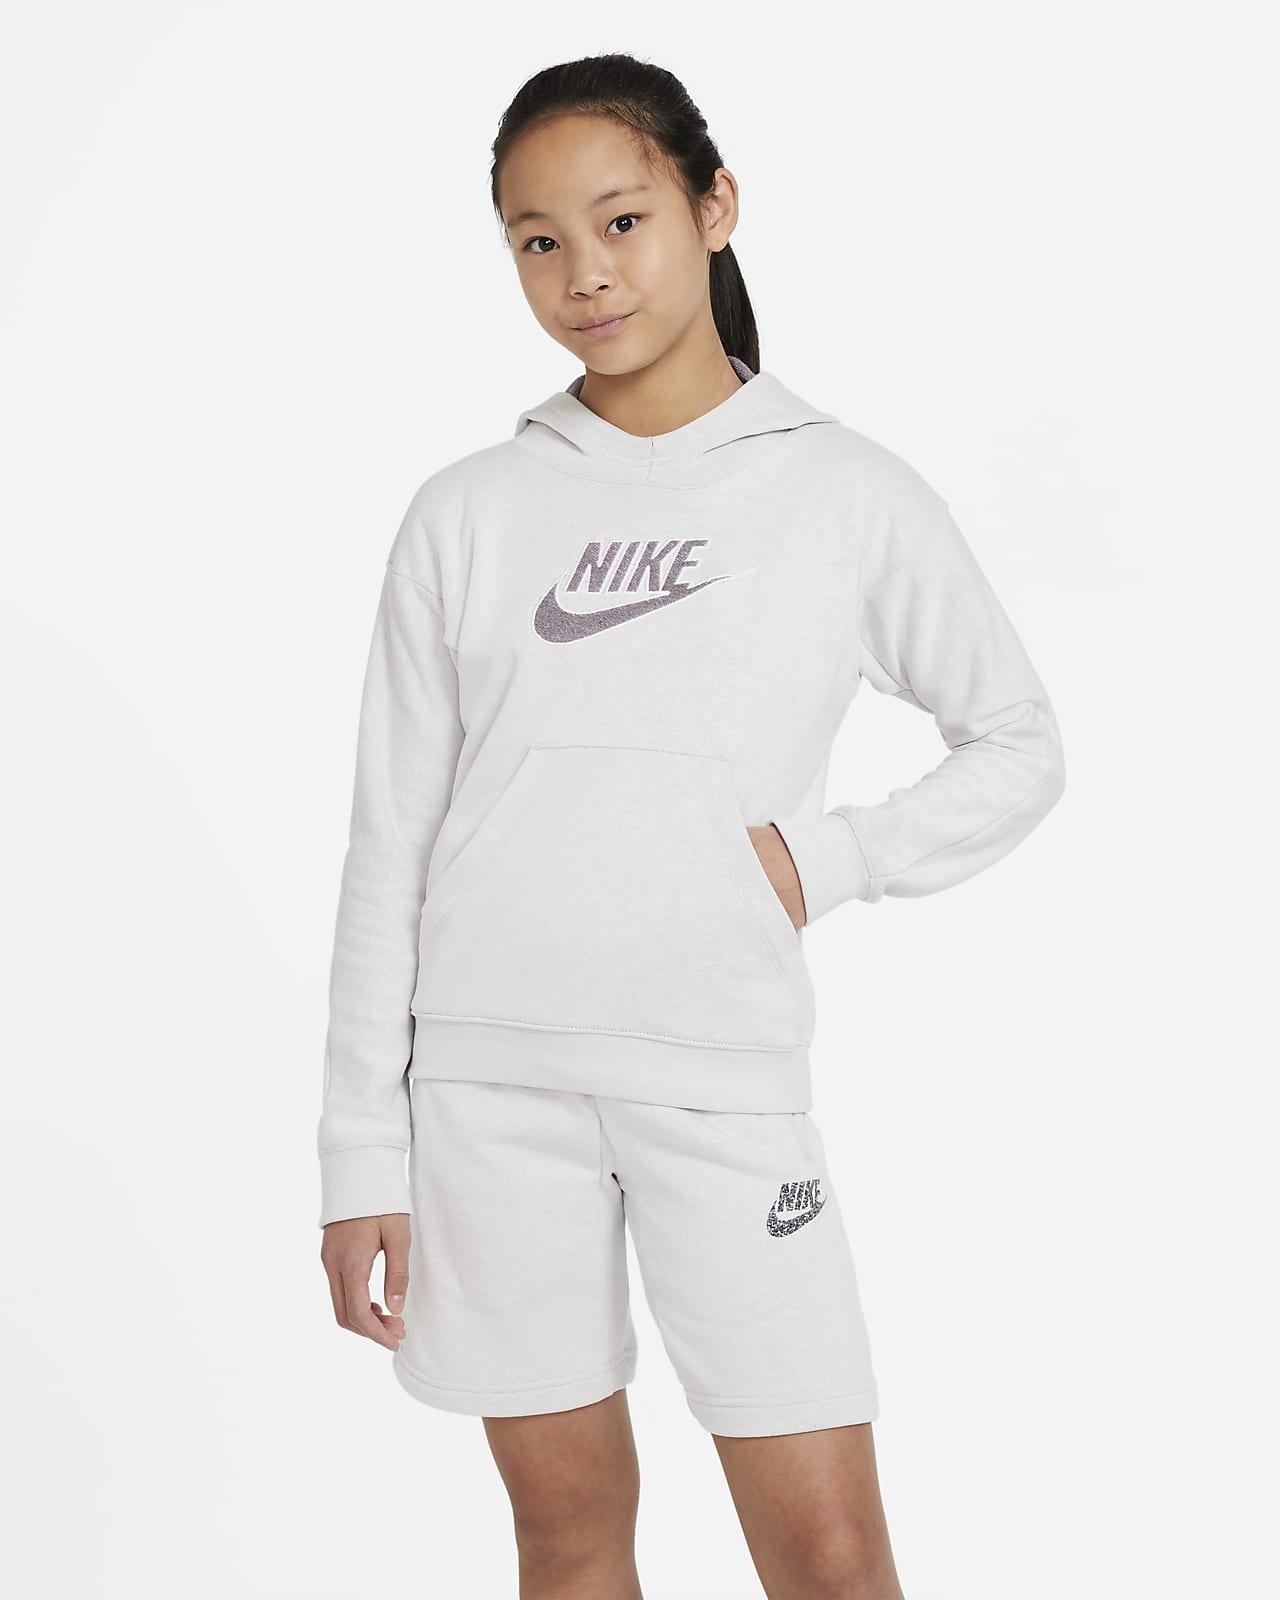 เสื้อมีฮู้ดเด็กโตแบบสวม Nike Sportswear